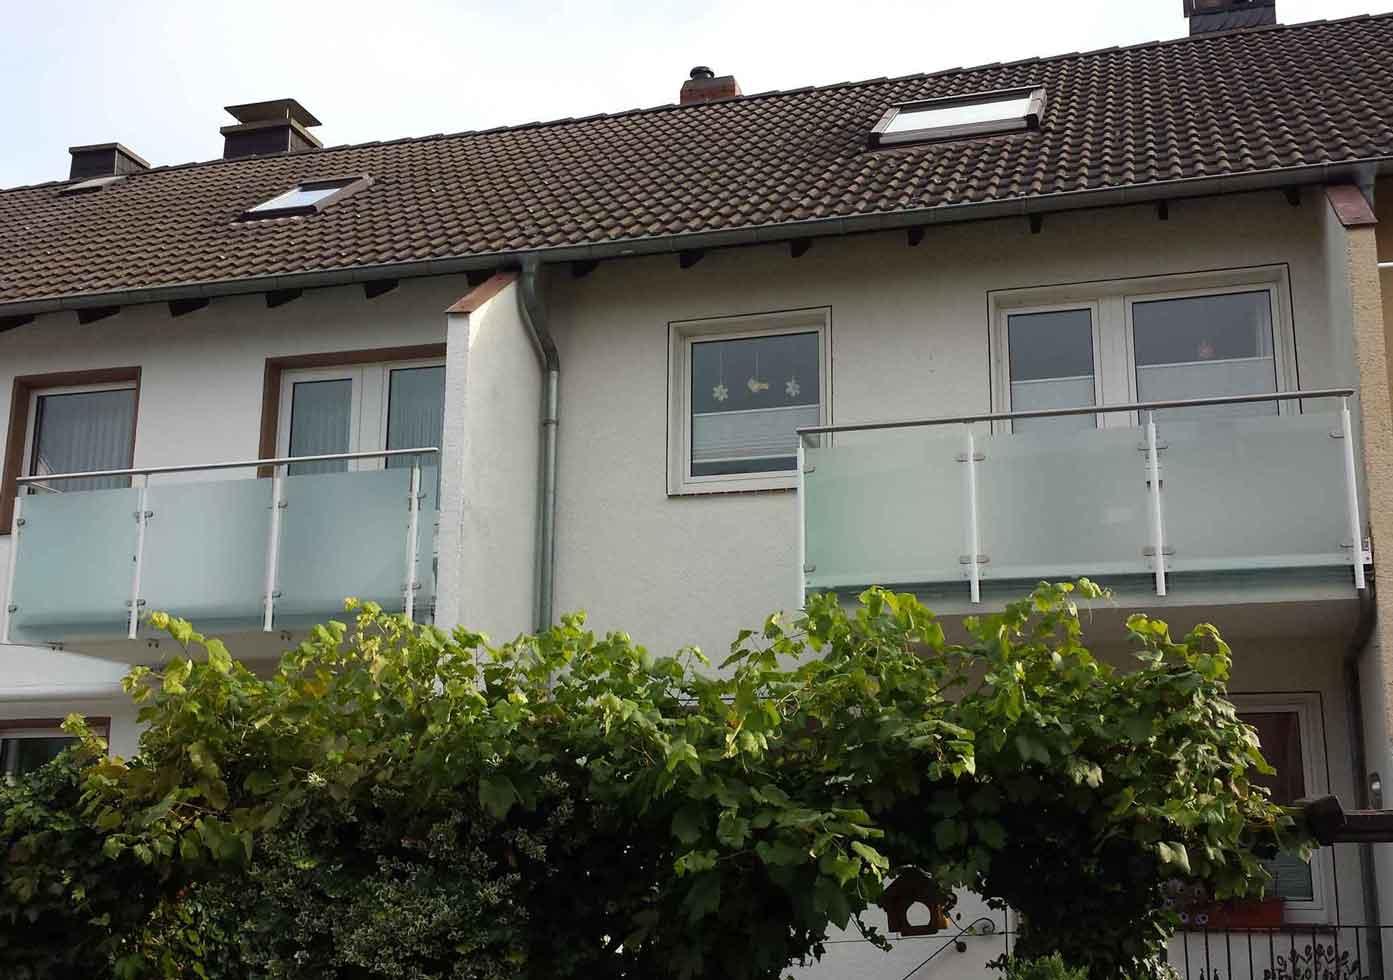 Hirsch Metallbau Balkongeländer 007 - Balkongeländer-07